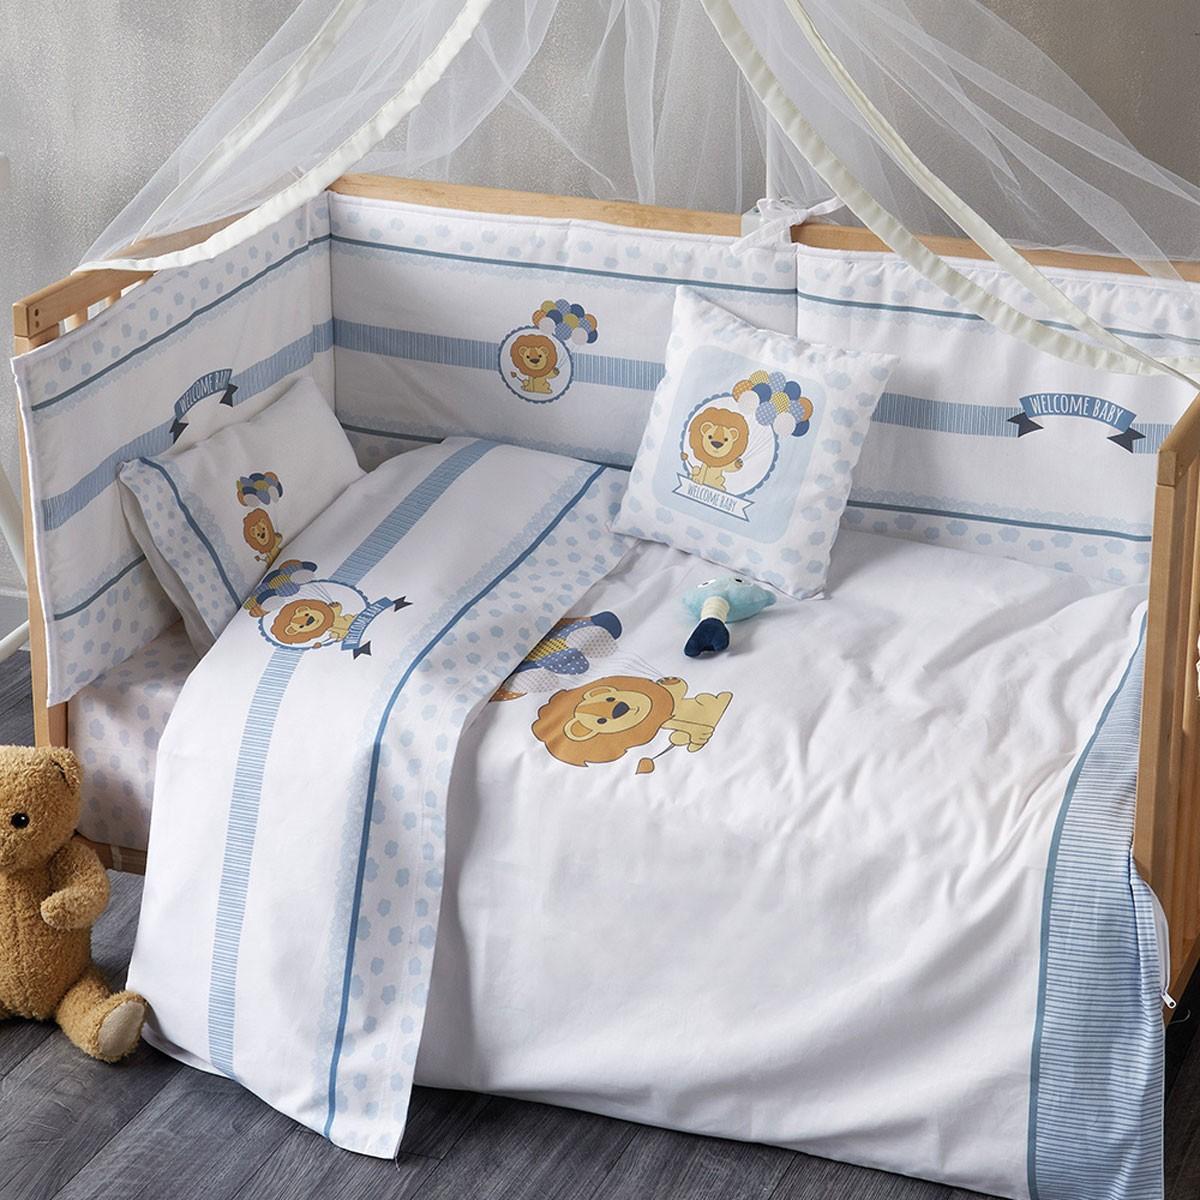 Παπλωματοθήκη Κούνιας (Σετ) Kentia Baby Welcome Baby 19